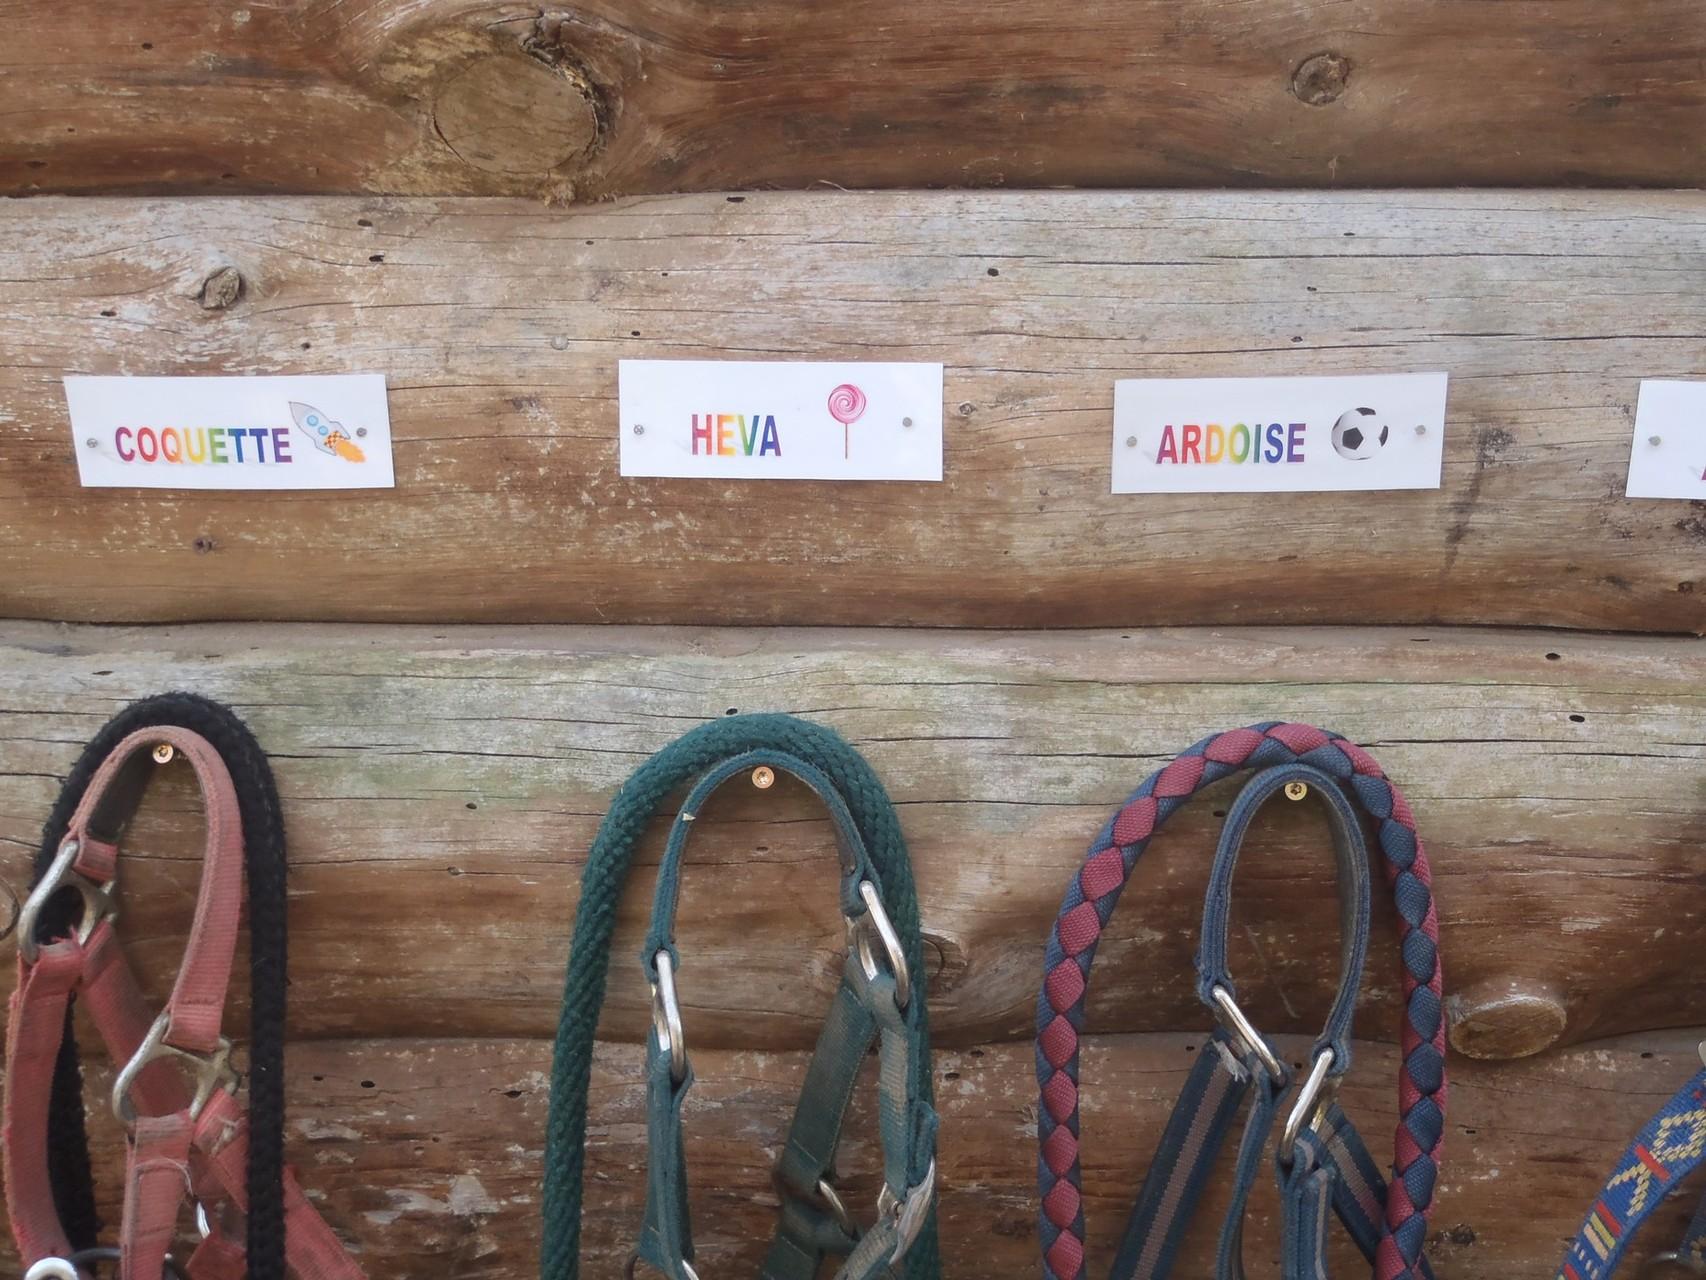 le rangement du matériel poney, adapté aux petits